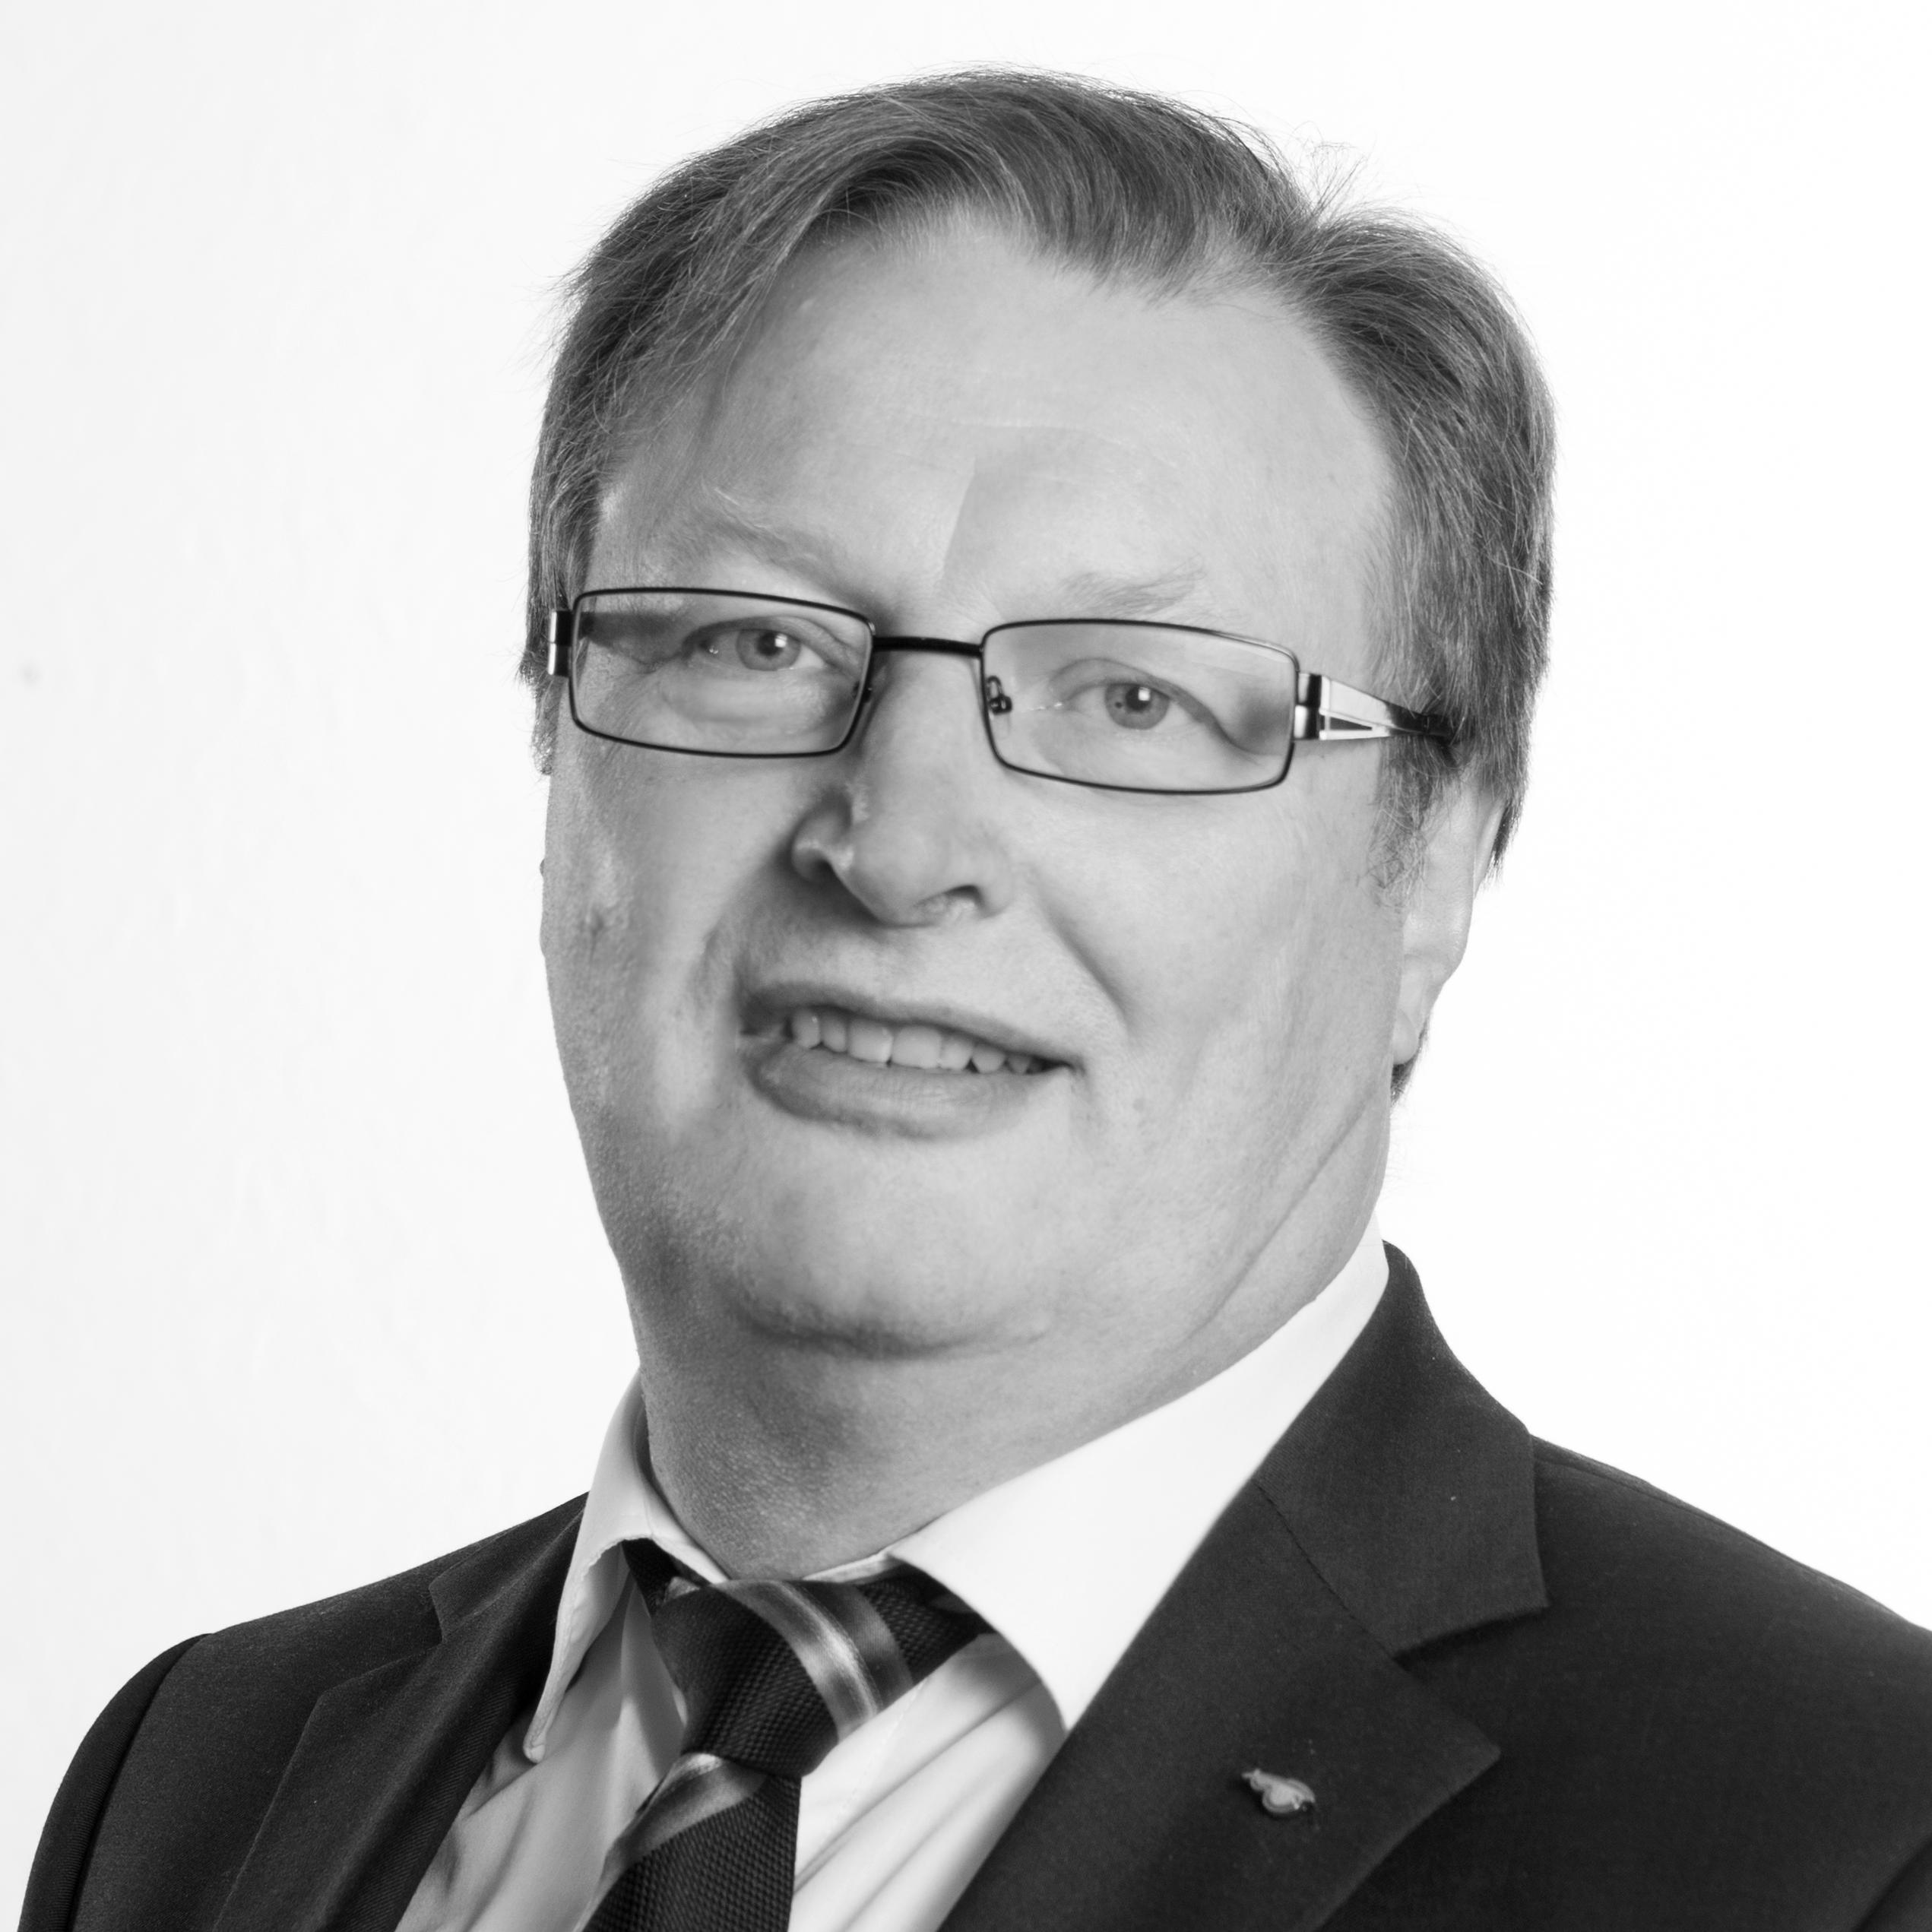 Friedrich Hachenberg, Fachbereichsleiter Büro des Bürgermeisters und Pressesprecher, Telefon: 02267/64-305, friedrich.hachenberg@wipperfuerth.de